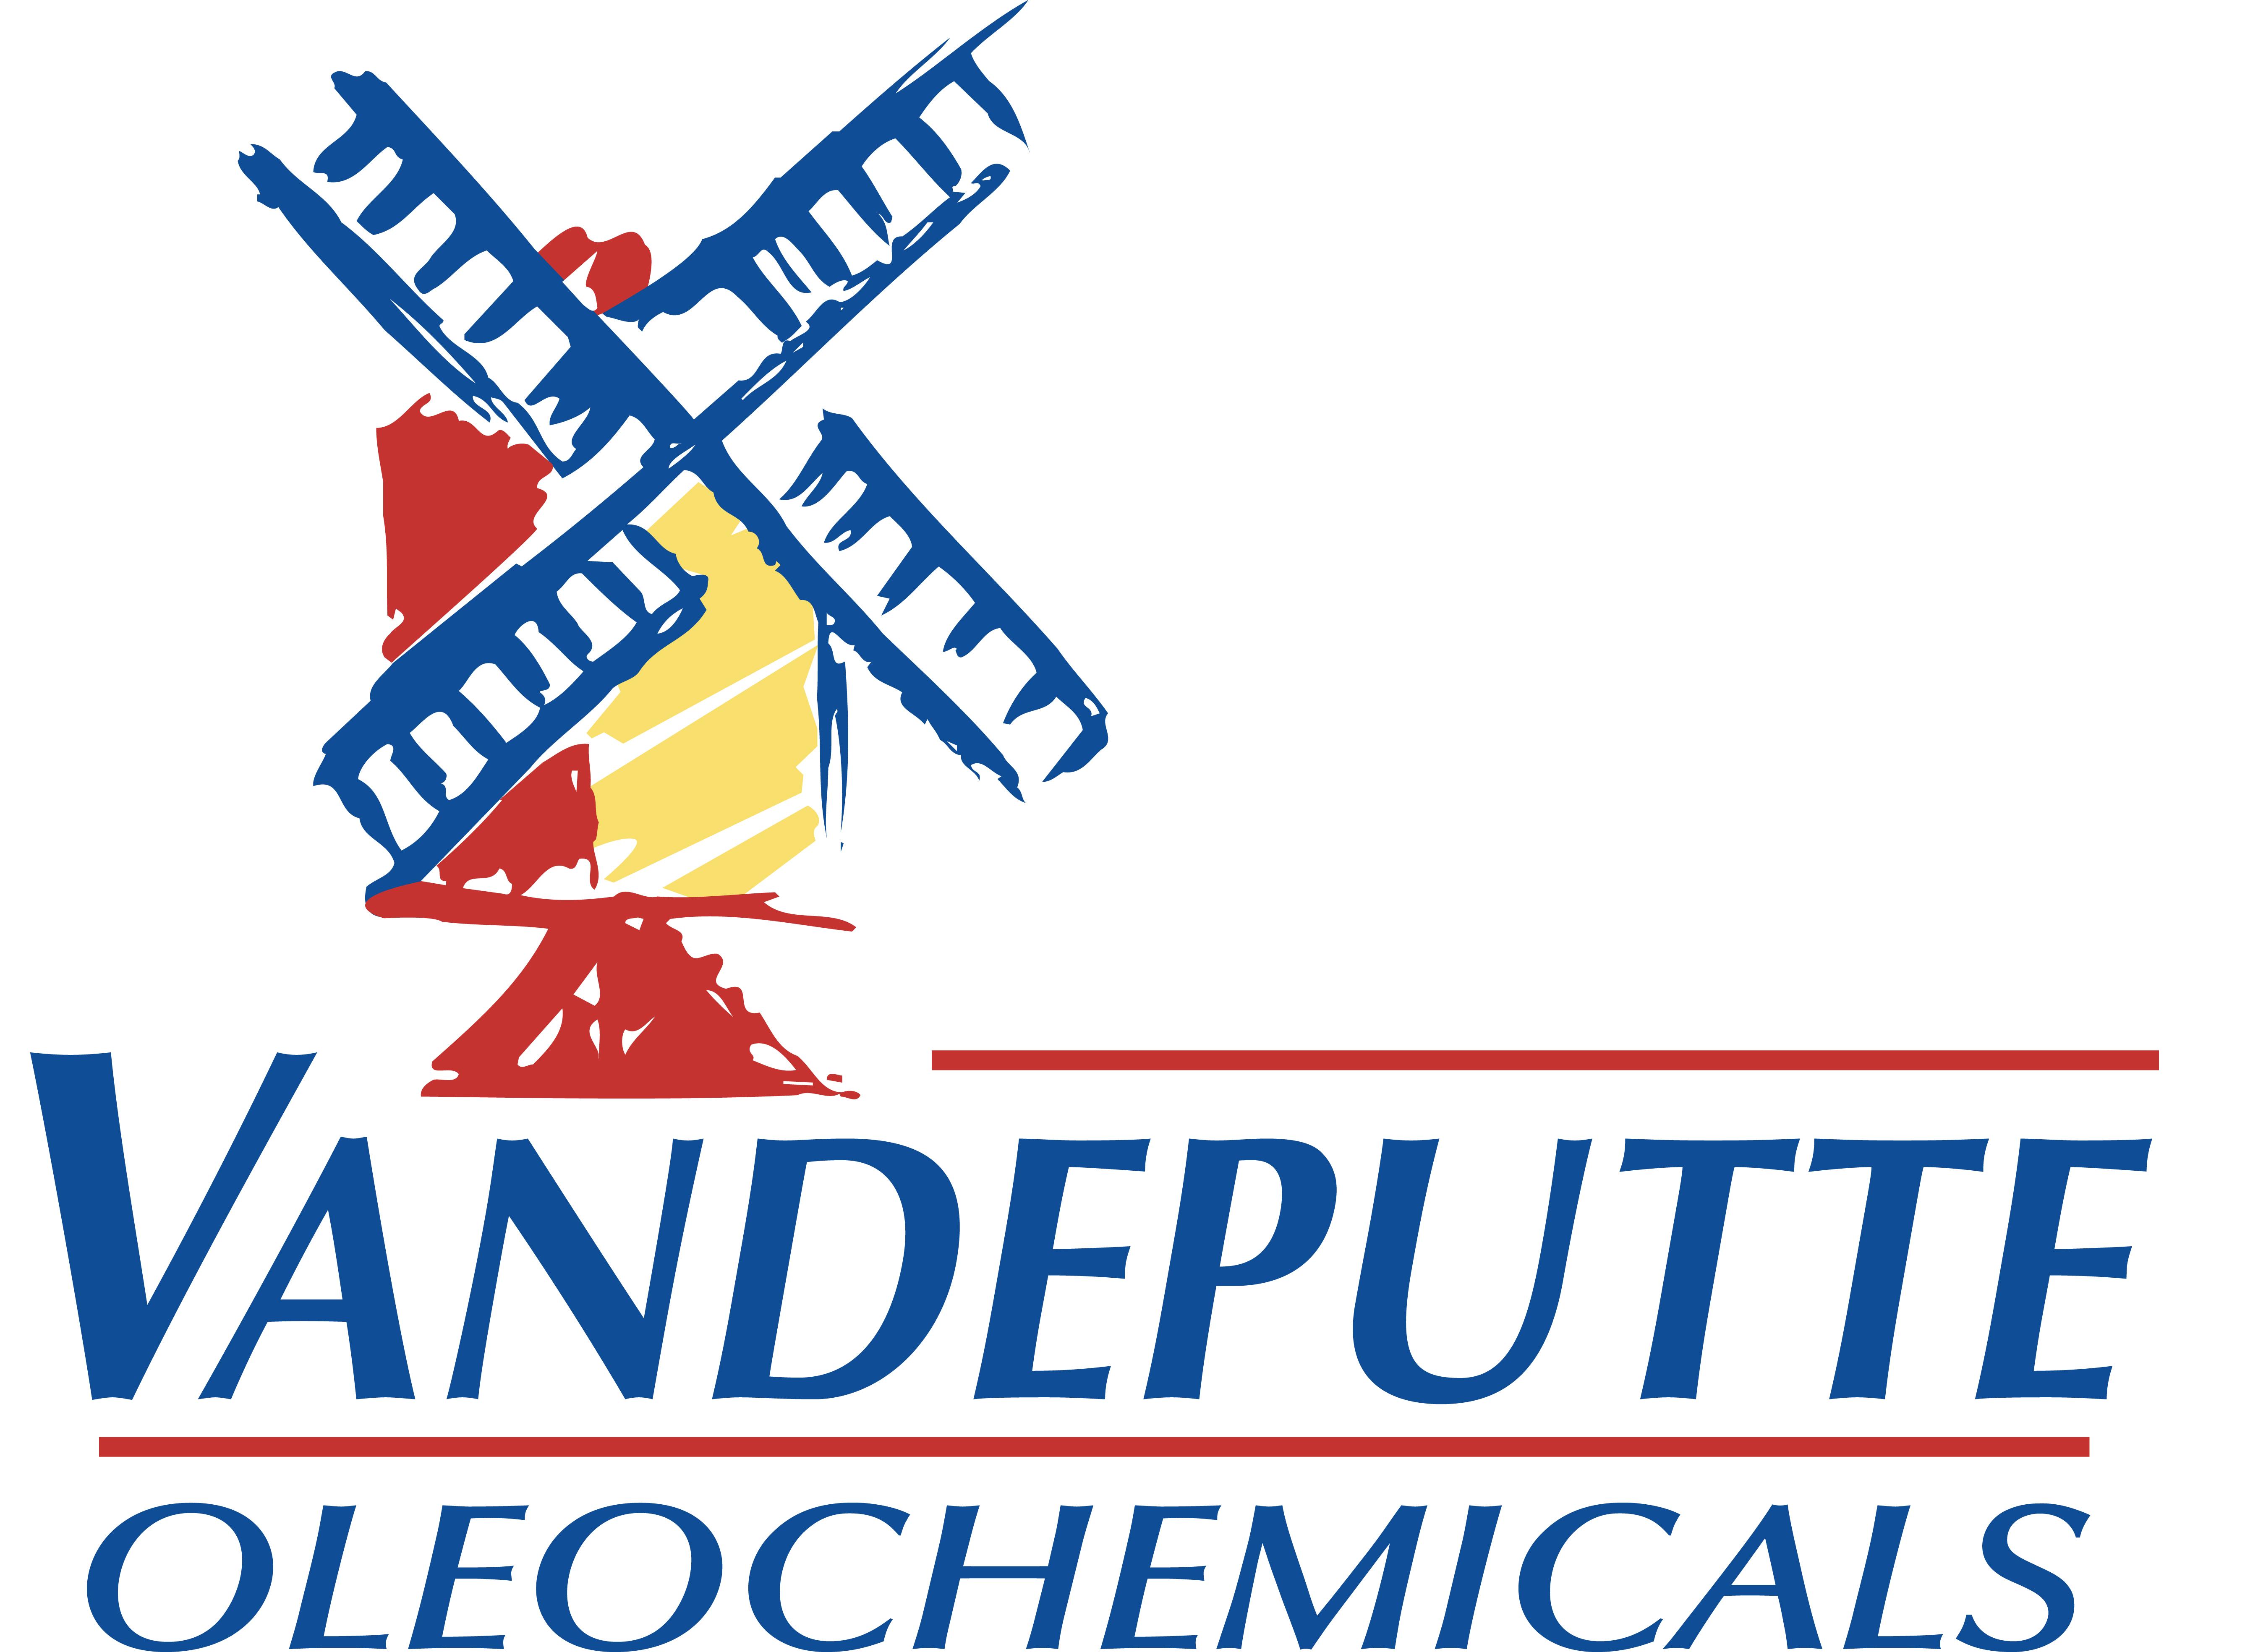 Vandeputte Oleochemicals SA